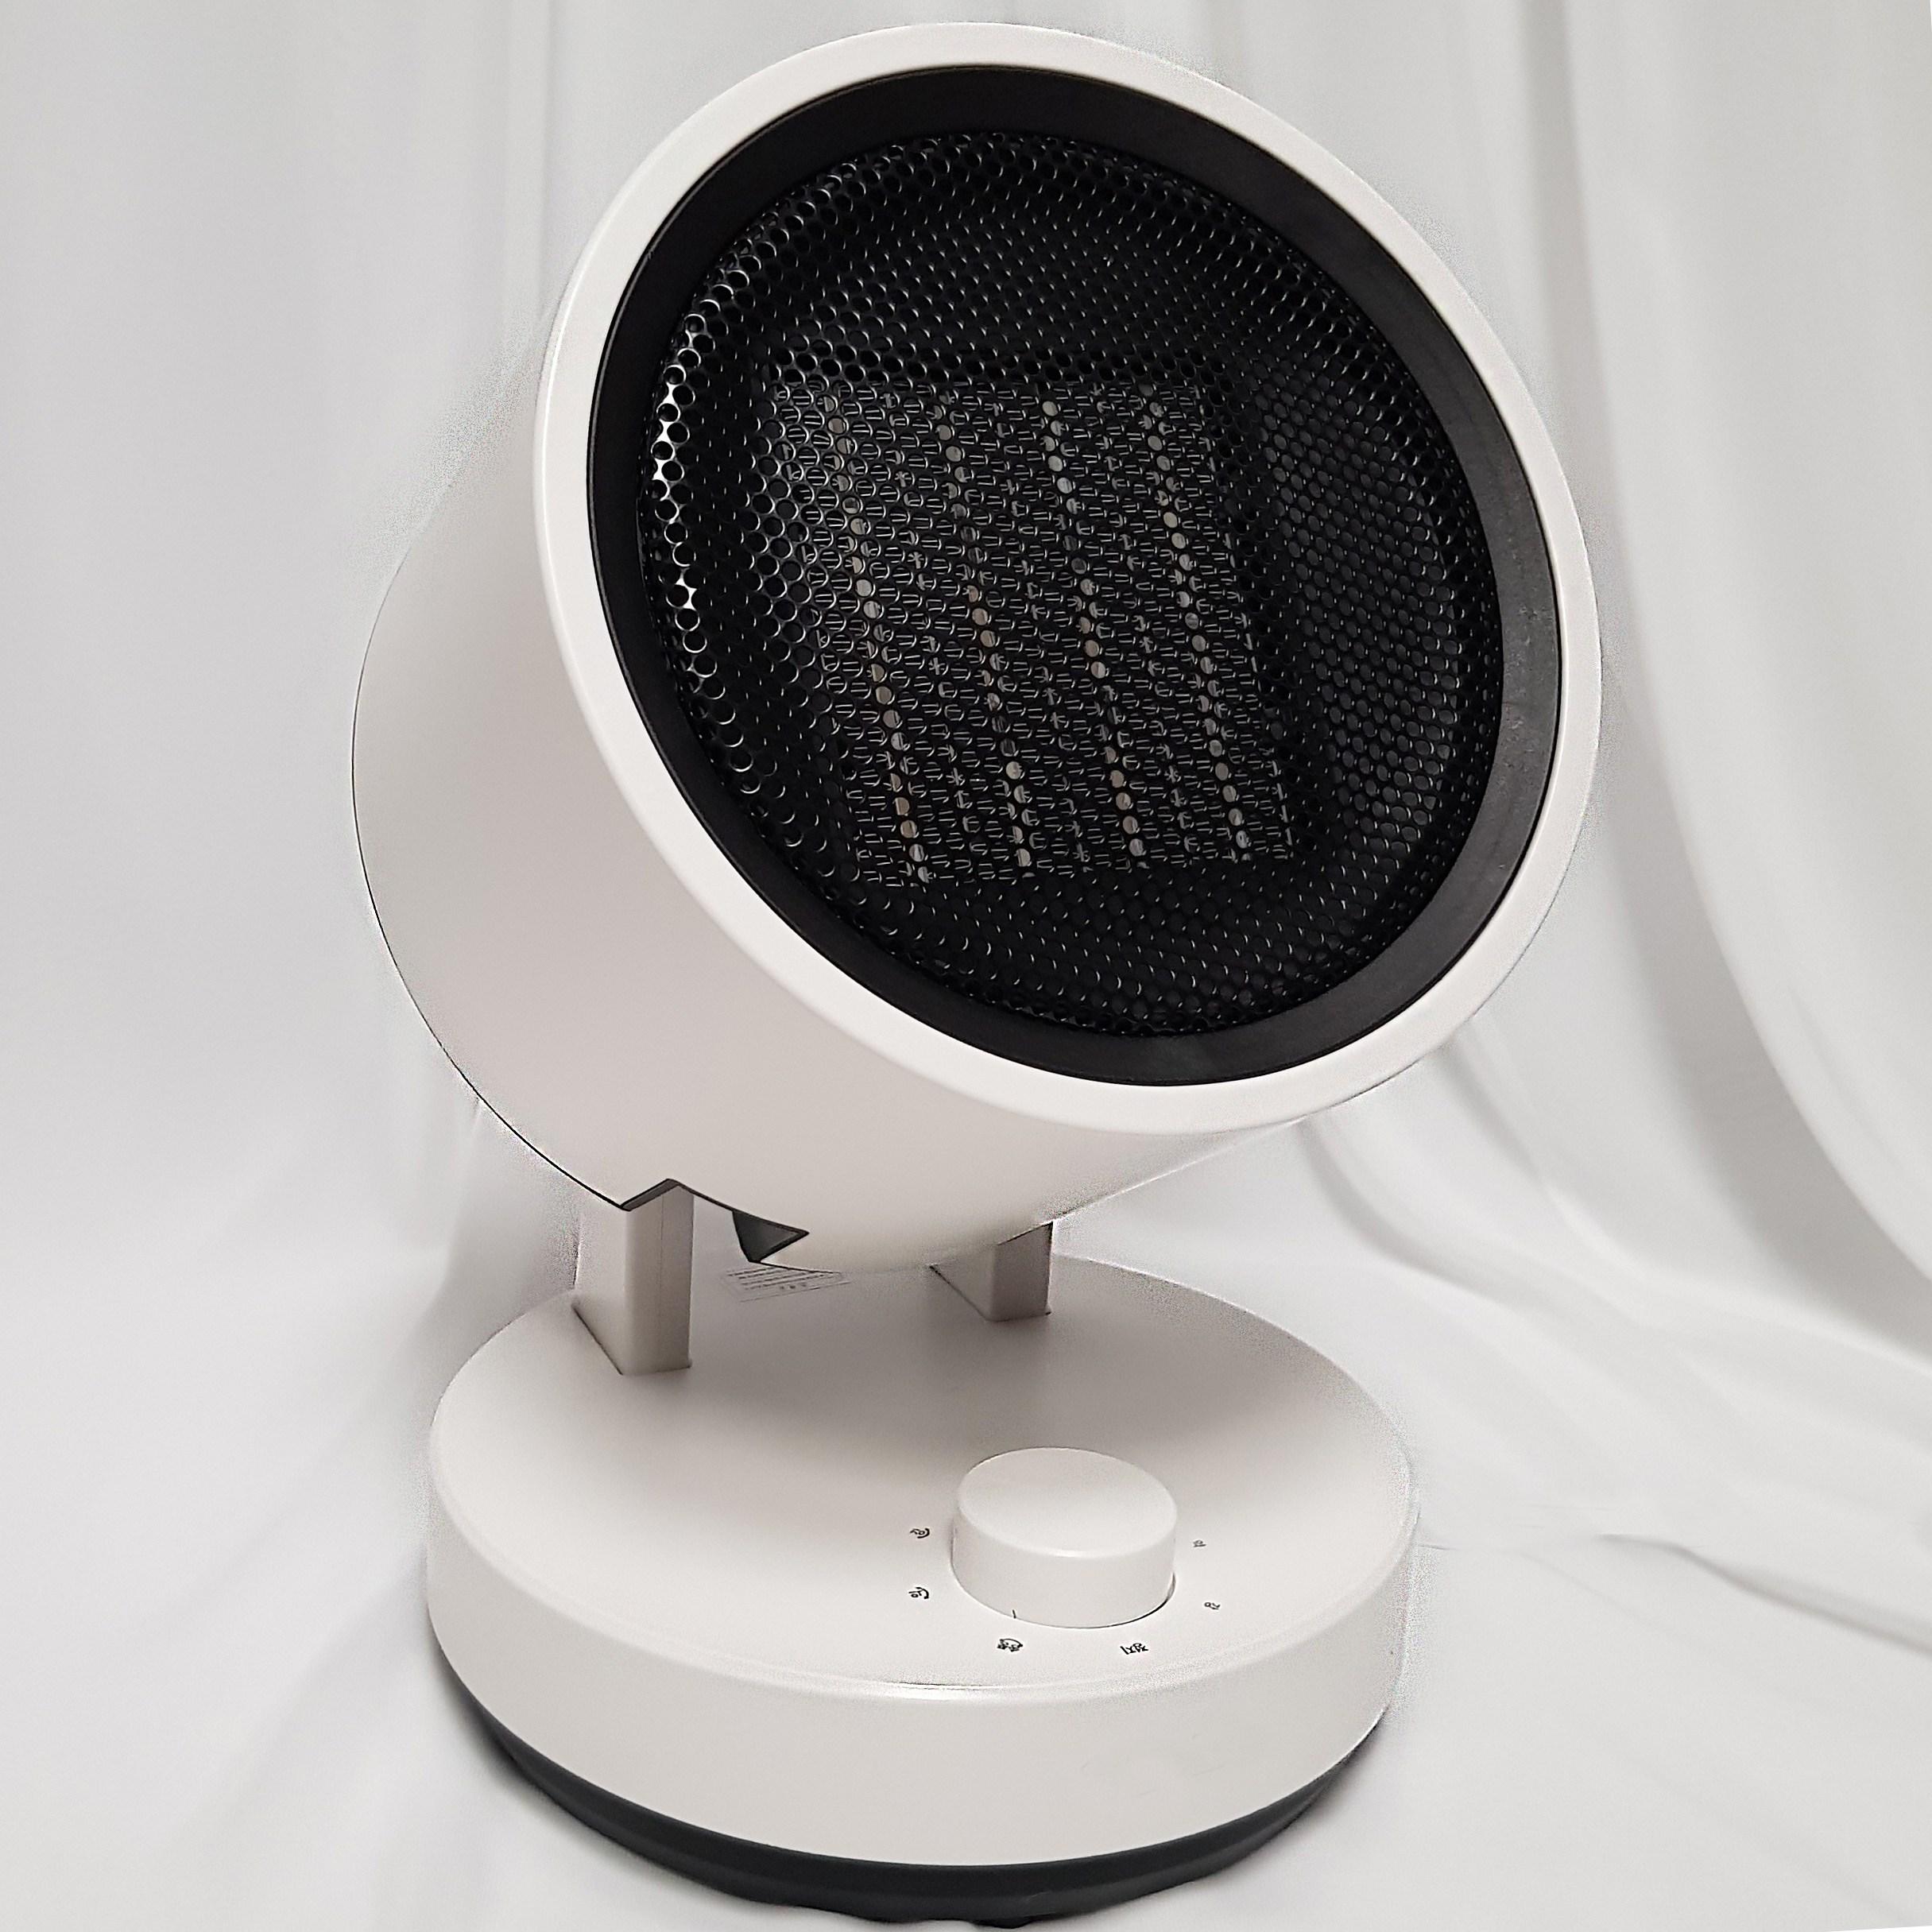 난로 캠핑용 온풍기 가정용 히터 팬히터 PTC 전기 미니 원룸 아기 화장실 욕실 온열기, 화이트, 따숨